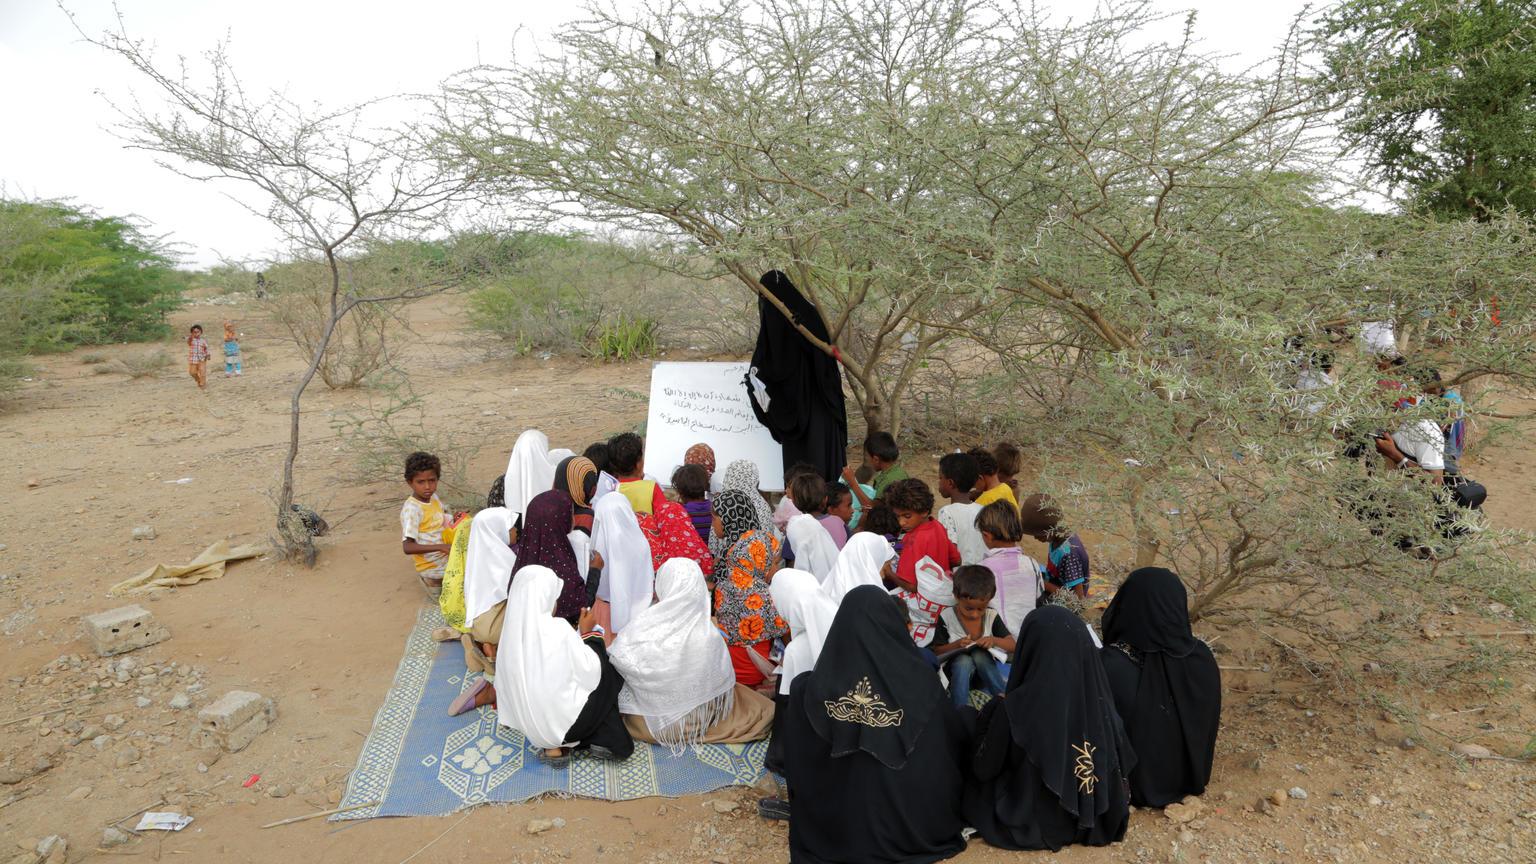 Le samedi 11 novembre 2017 : Les écoles étant détruites, le personnel enseignant au Yémen travaille avec...